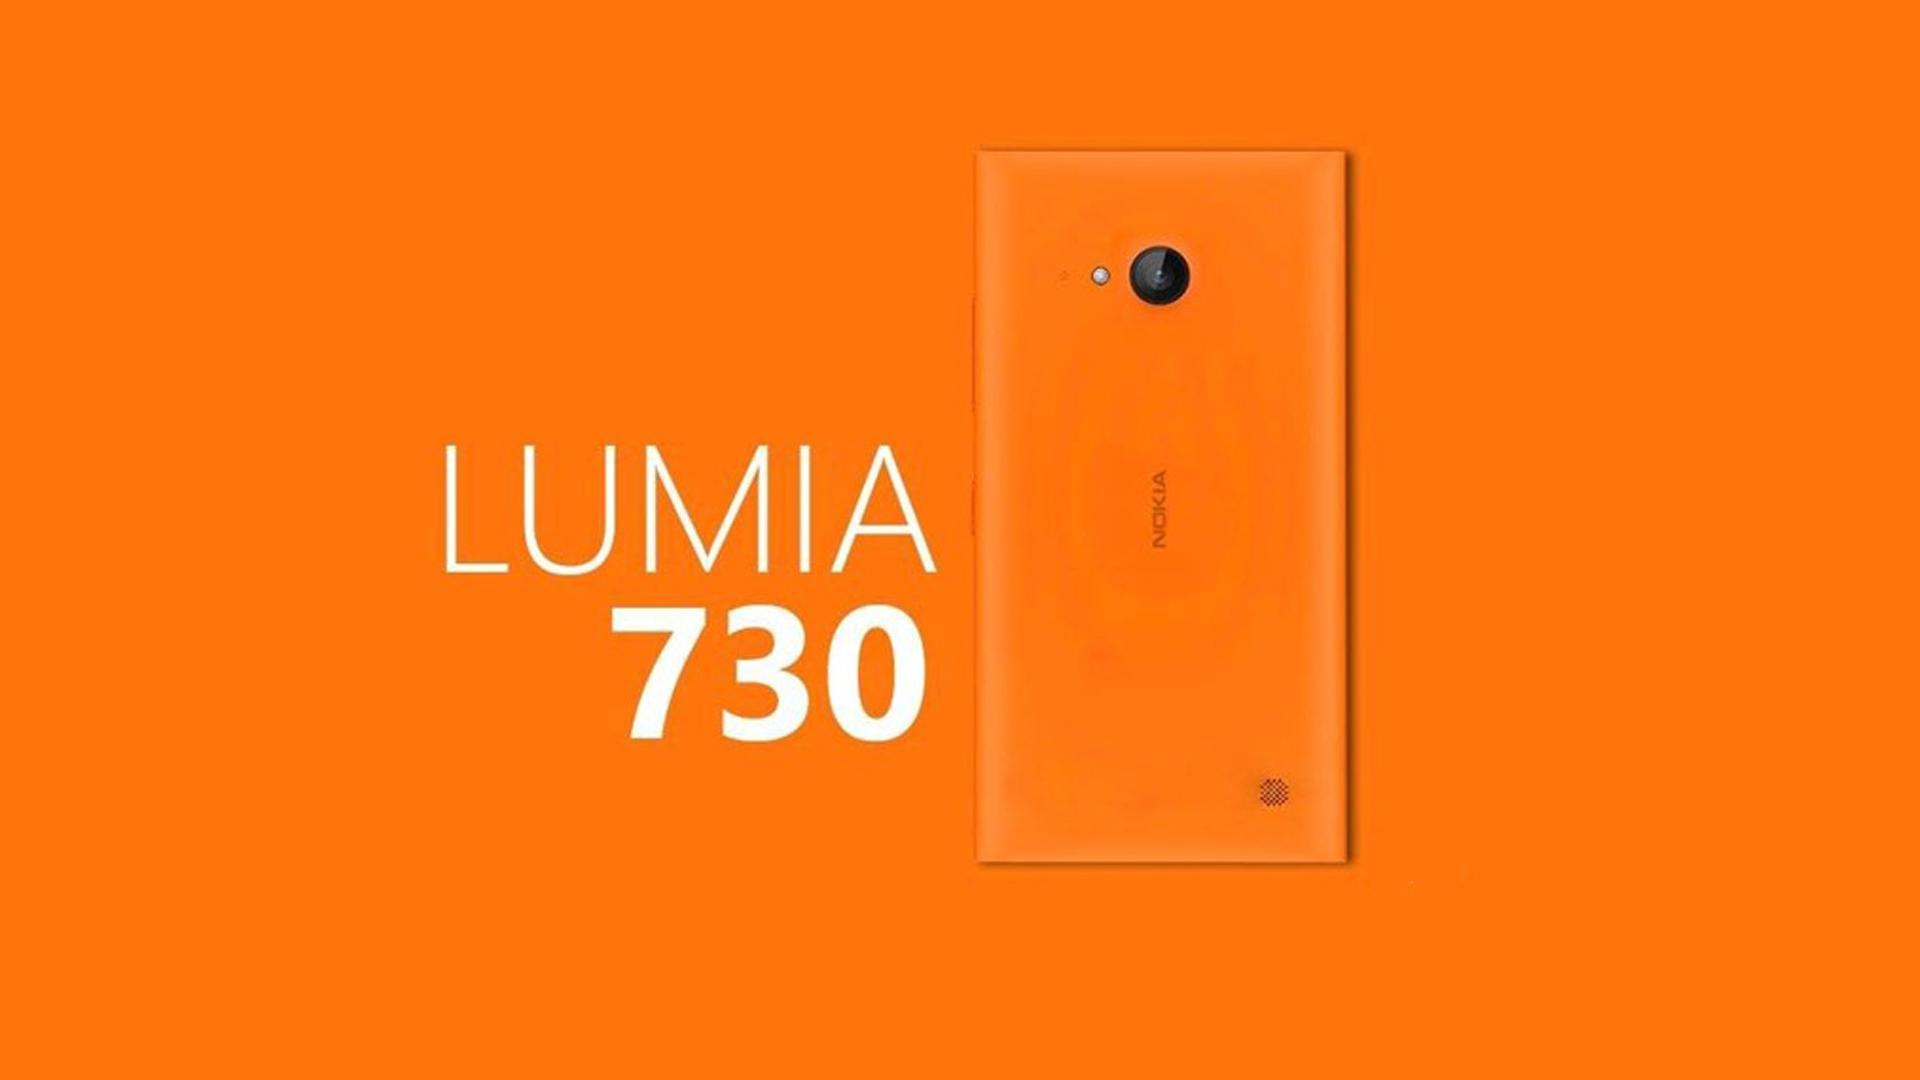 Lumia-730-orange